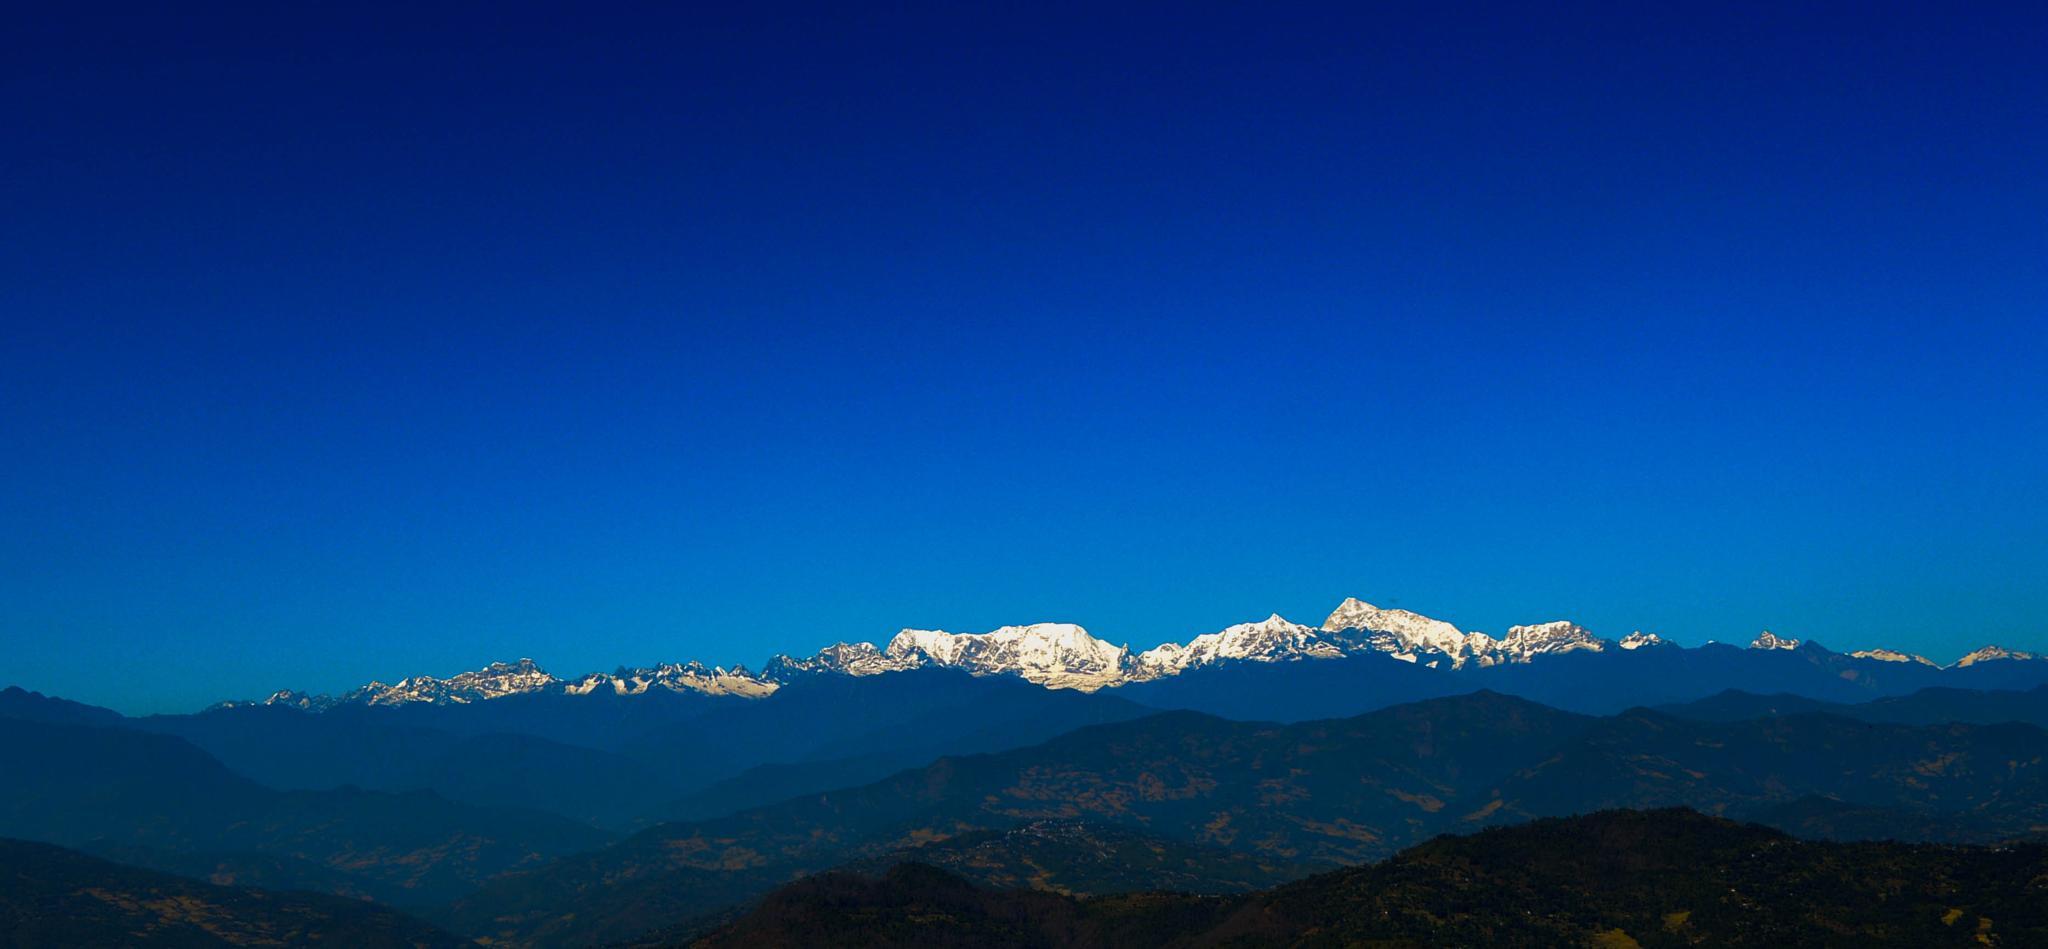 Mt Makalu by Sunil Shrestha